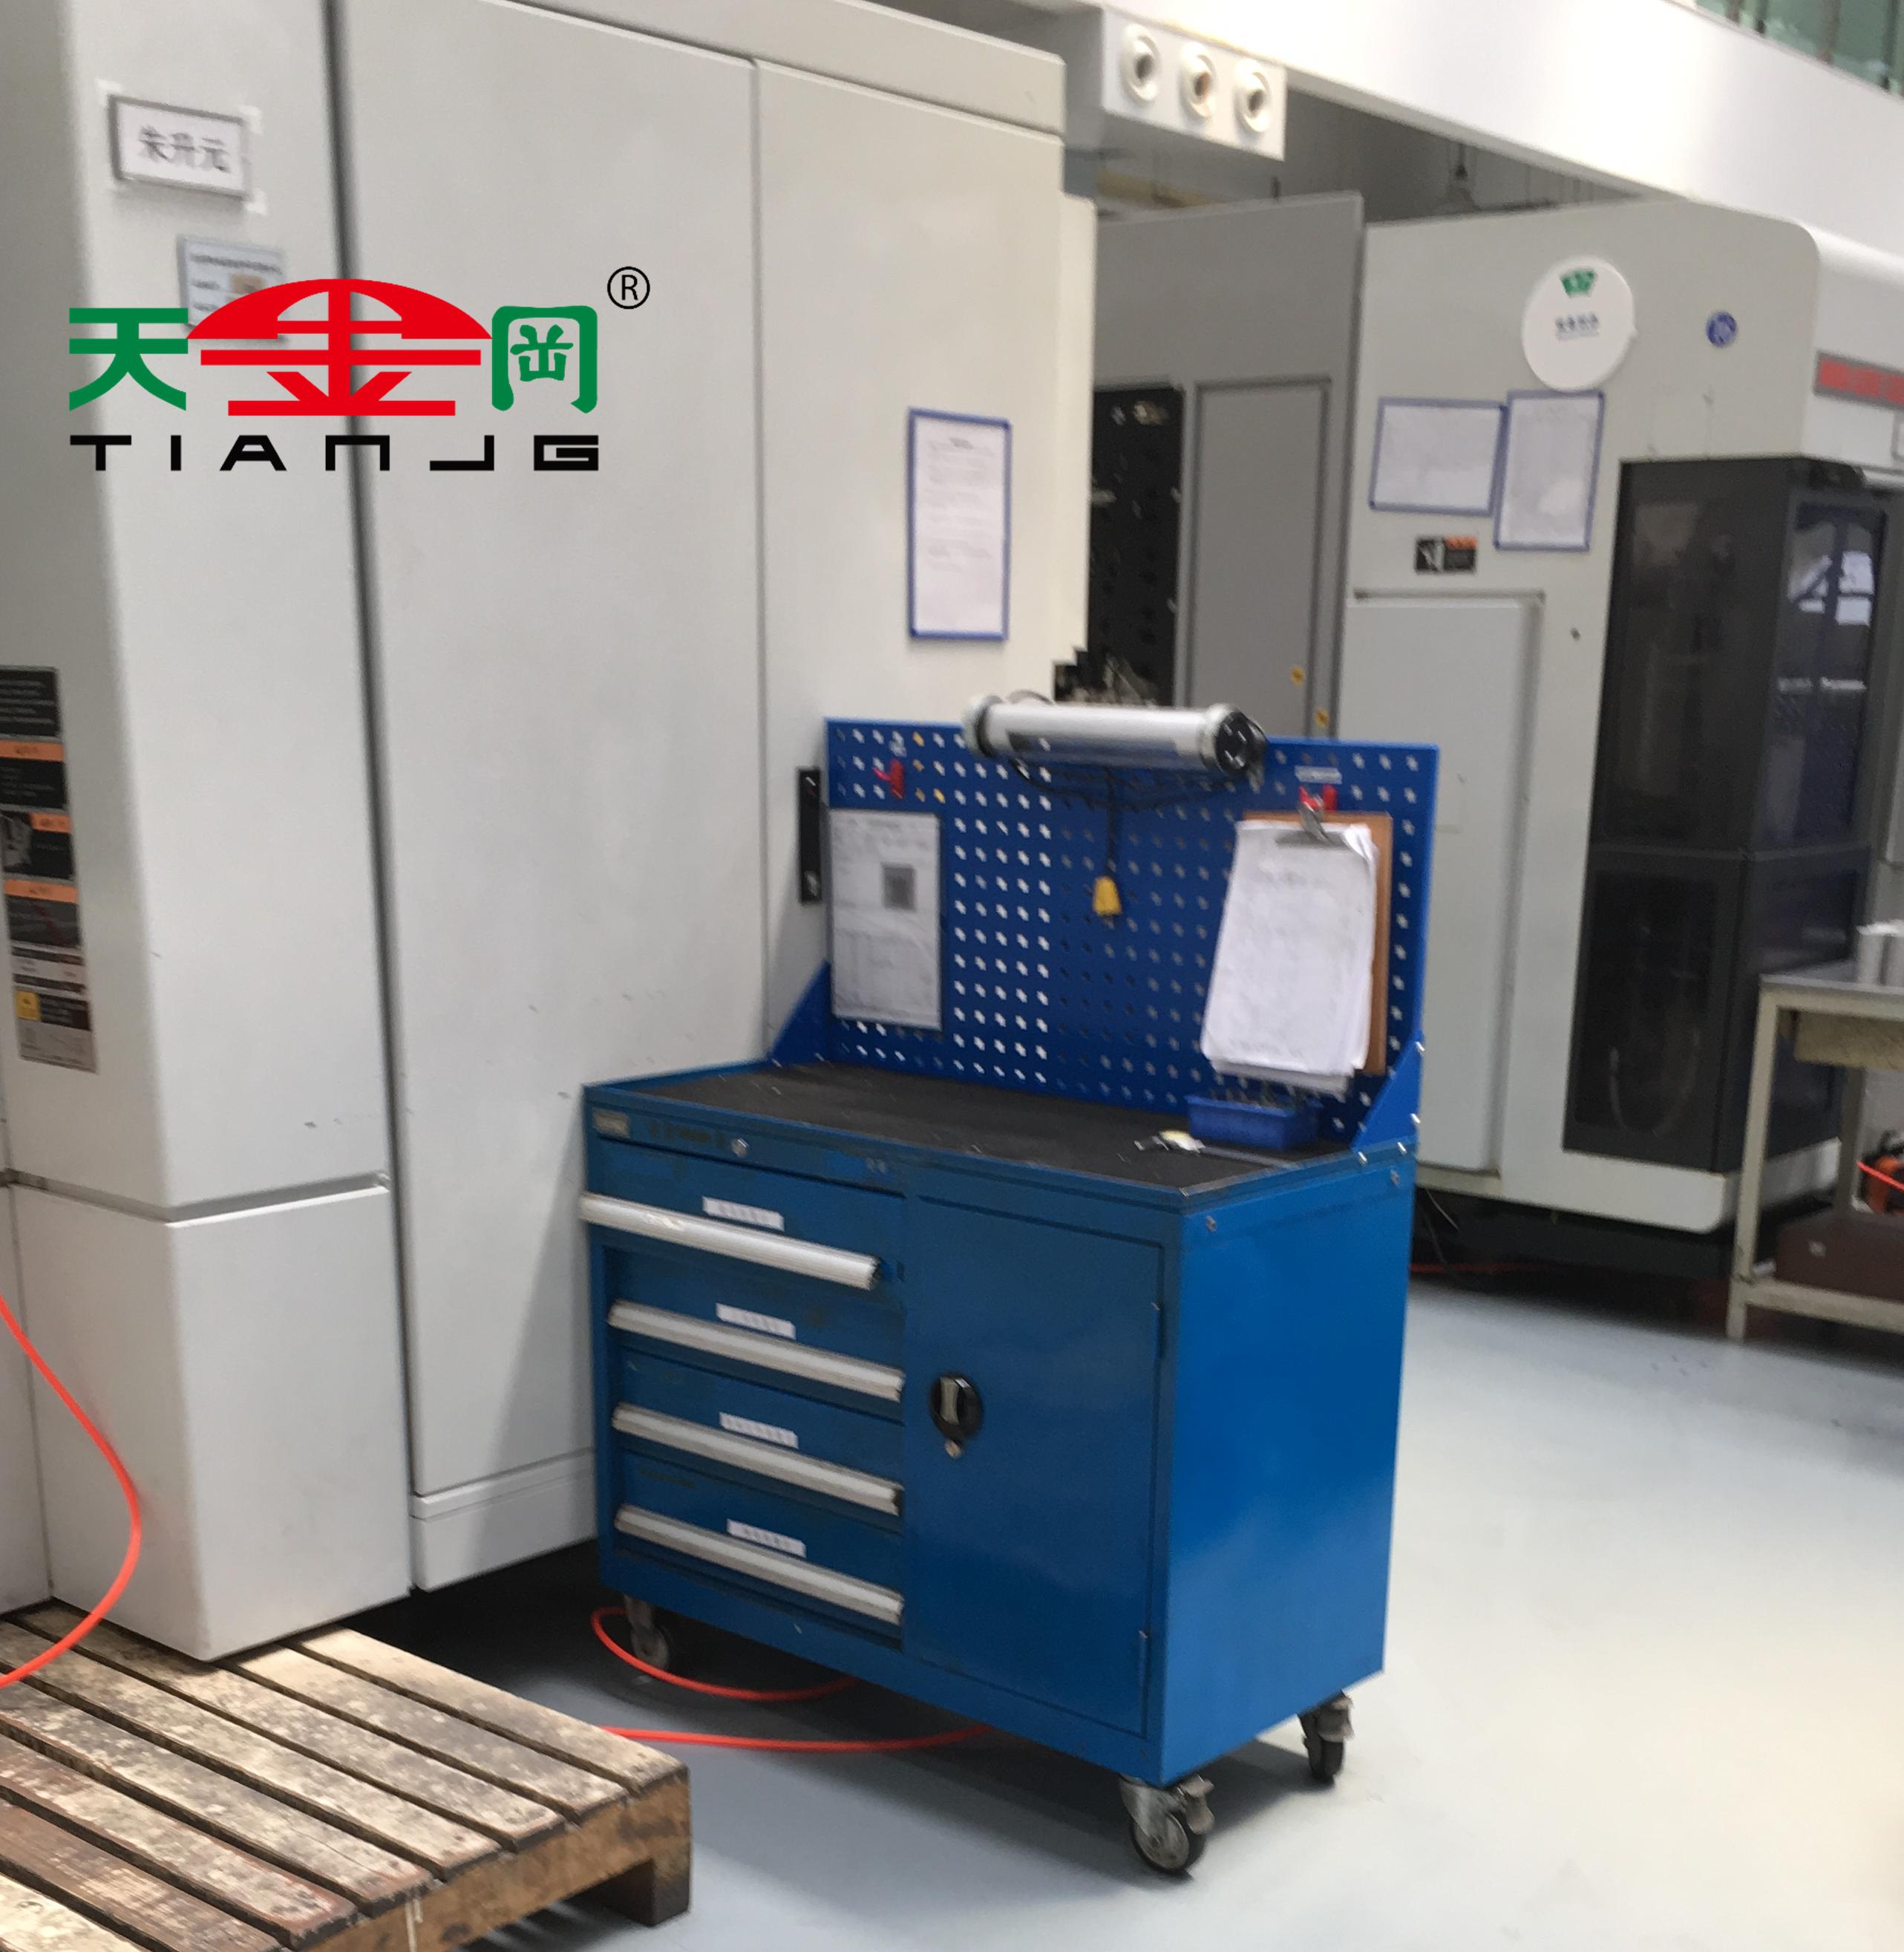 重型组合工具柜可以满足车间综合操作需求吗?